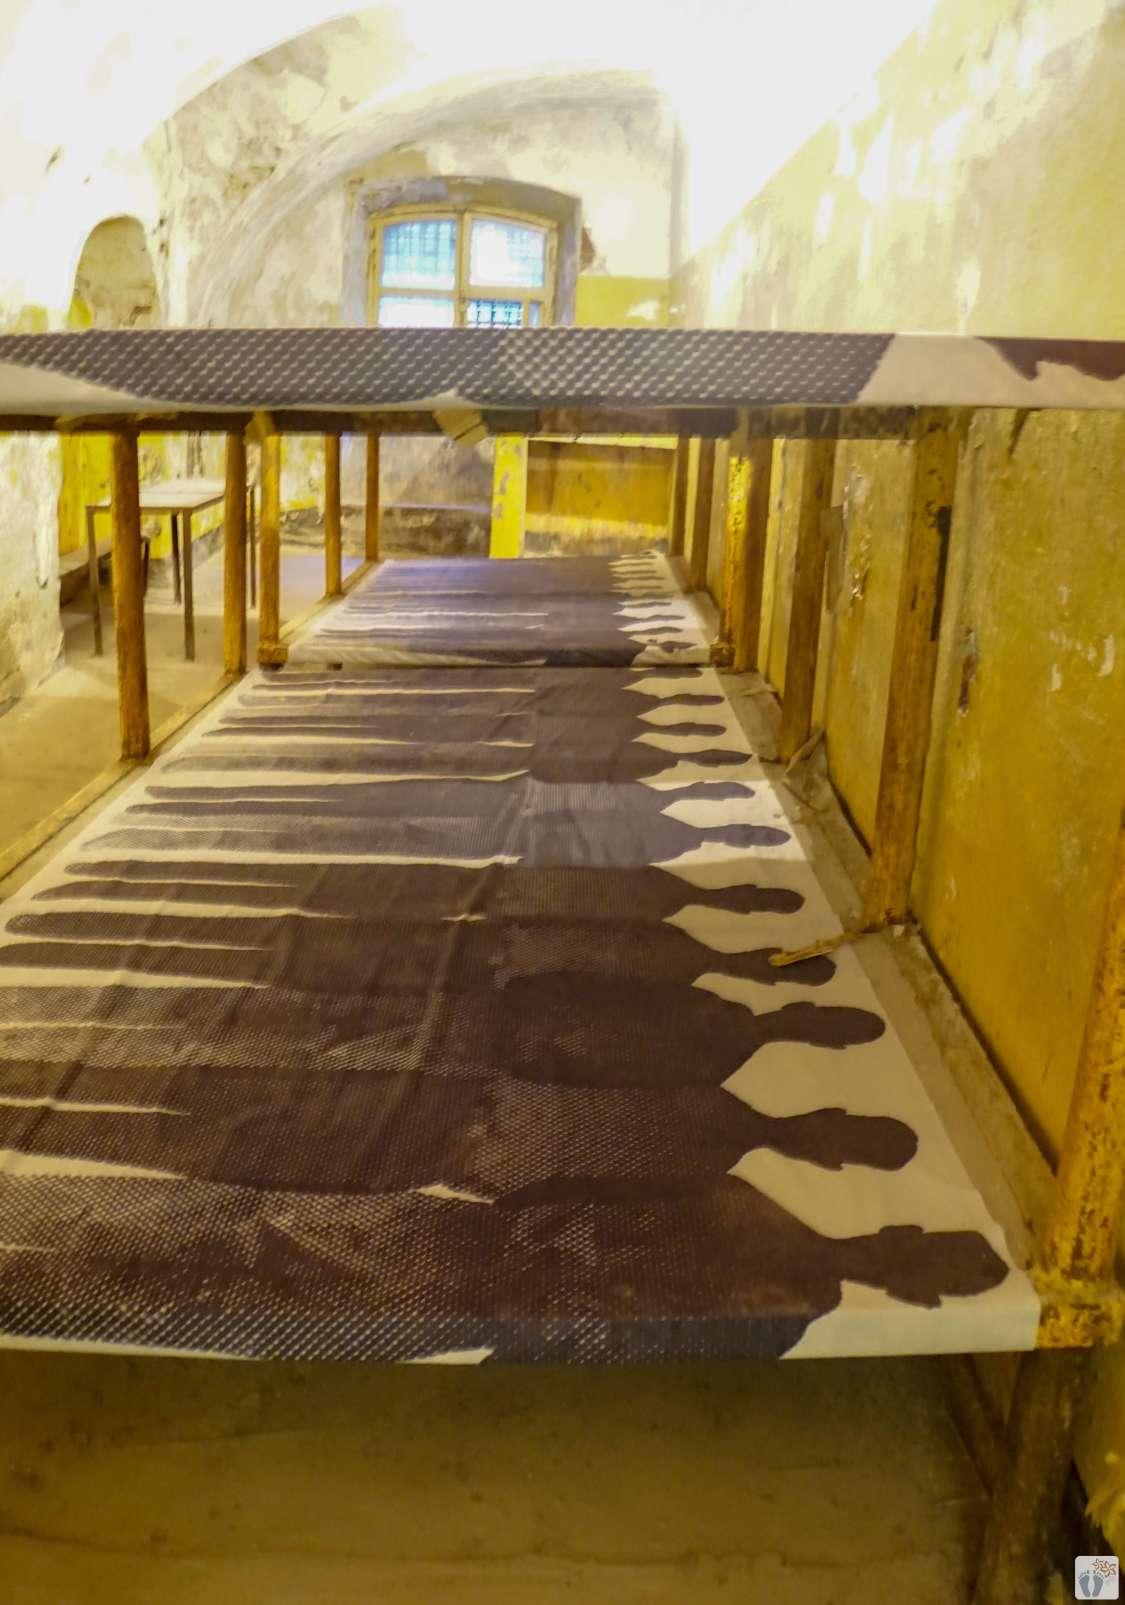 Ausstellung #Kommunismus ist Gefängnis# im Gefängnis Patarei_Tallinn - Estland